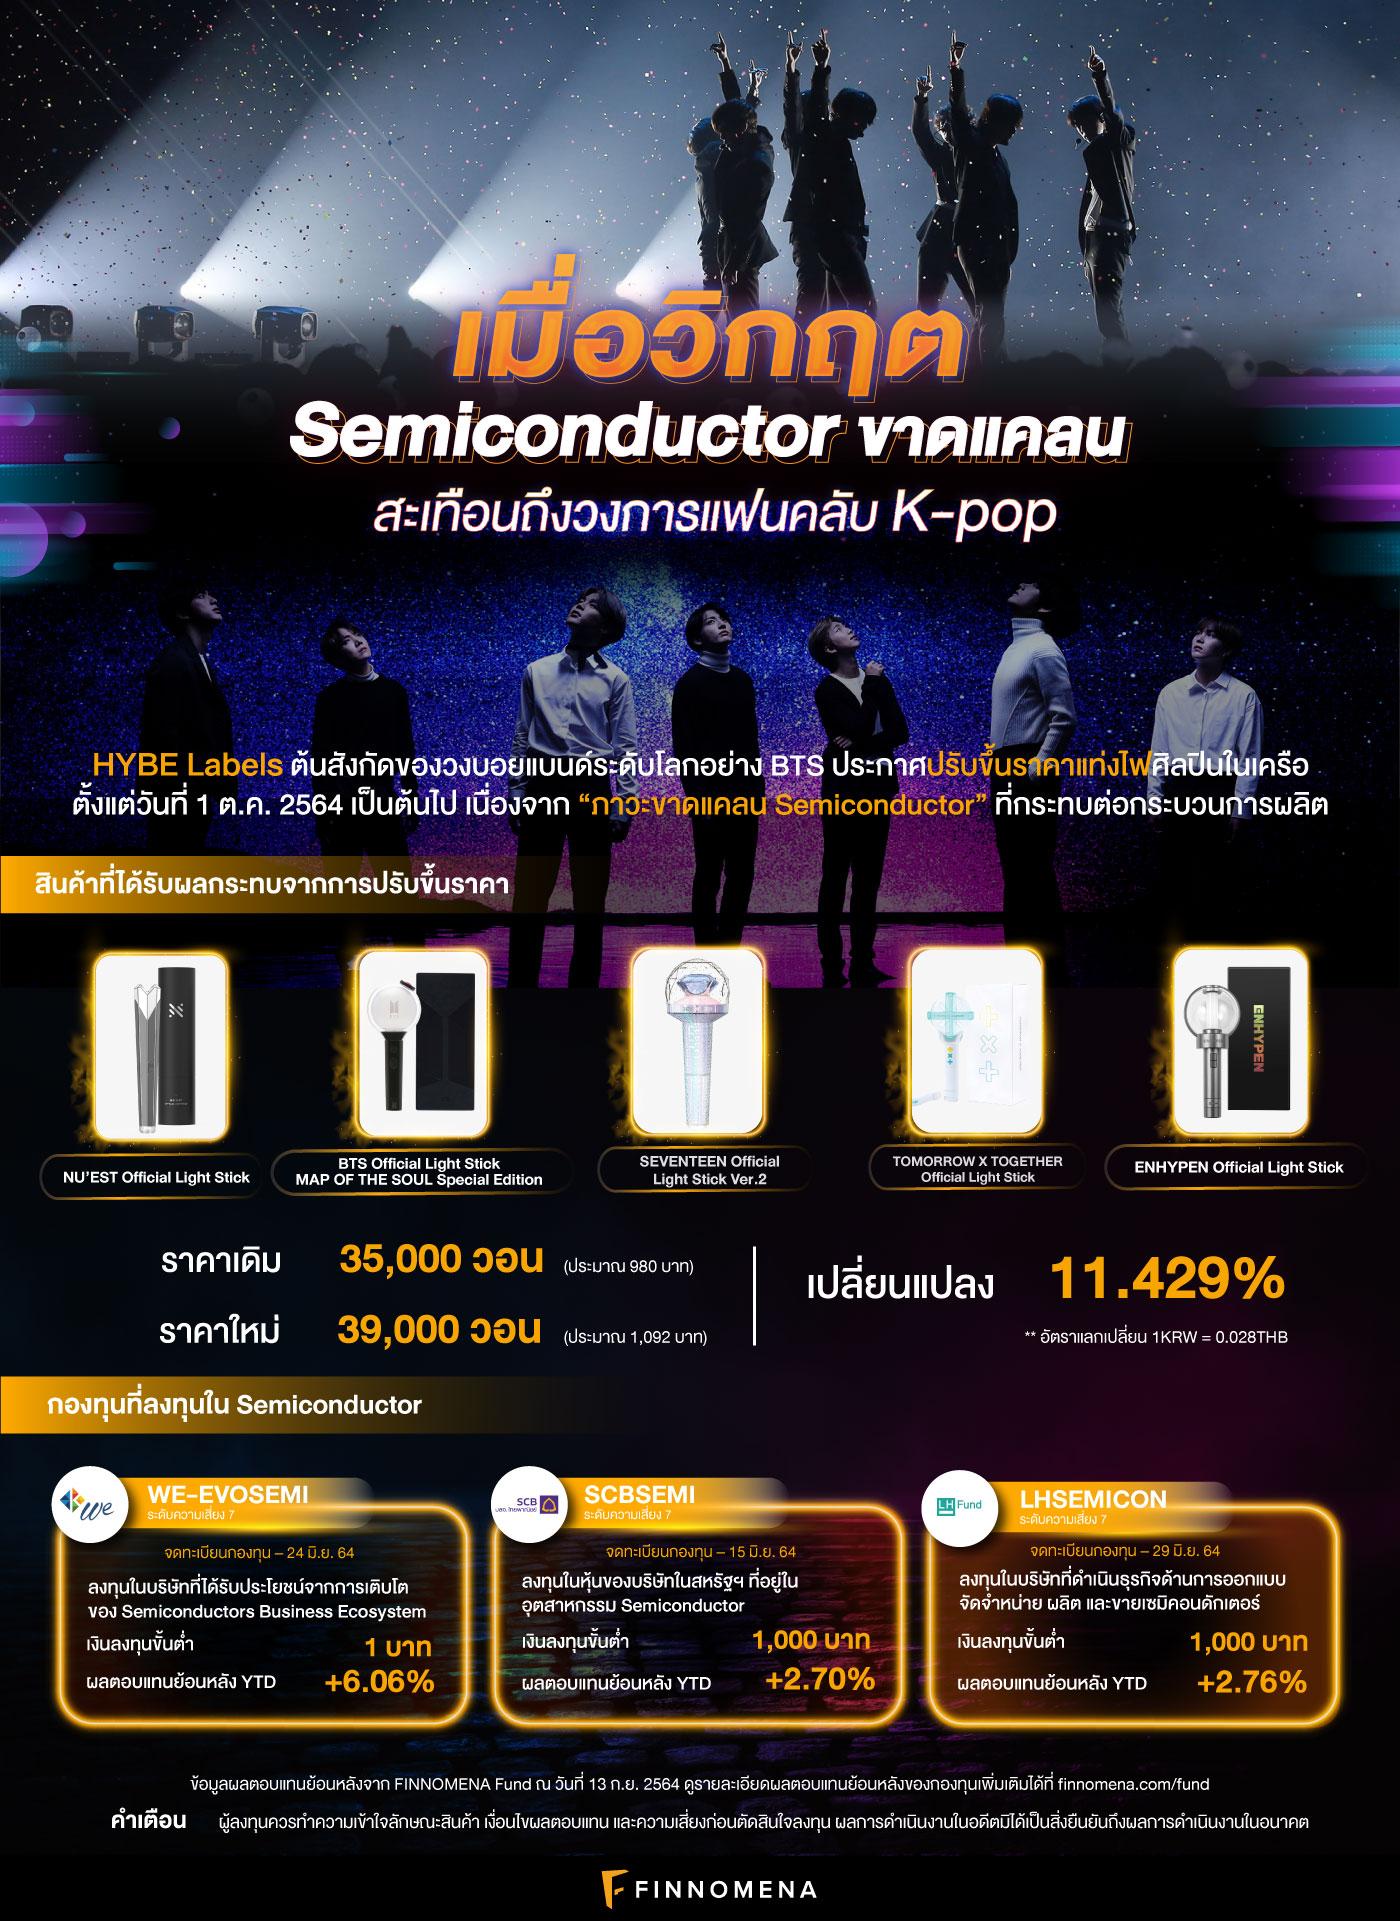 เมื่อวิกฤต Semiconductor ขาดแคลนสะเทือนถึงวงการแฟนคลับ K-pop